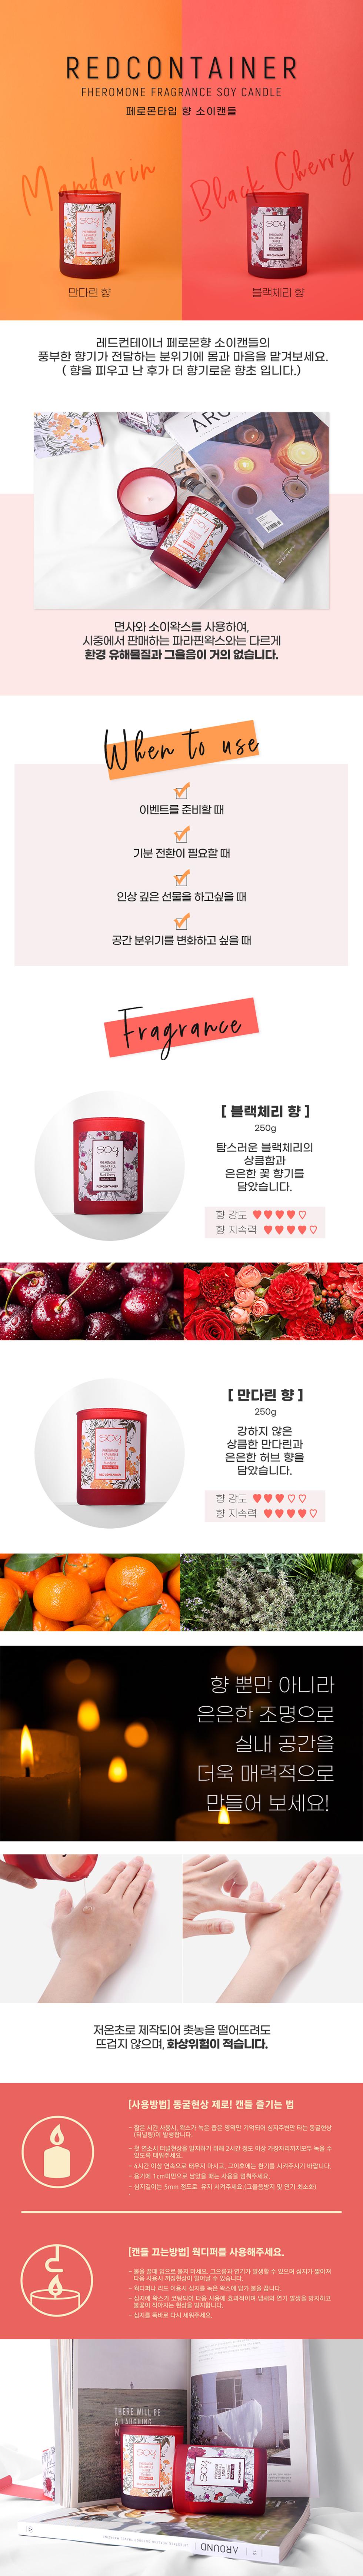 SM 용품 성인용품 상세설명